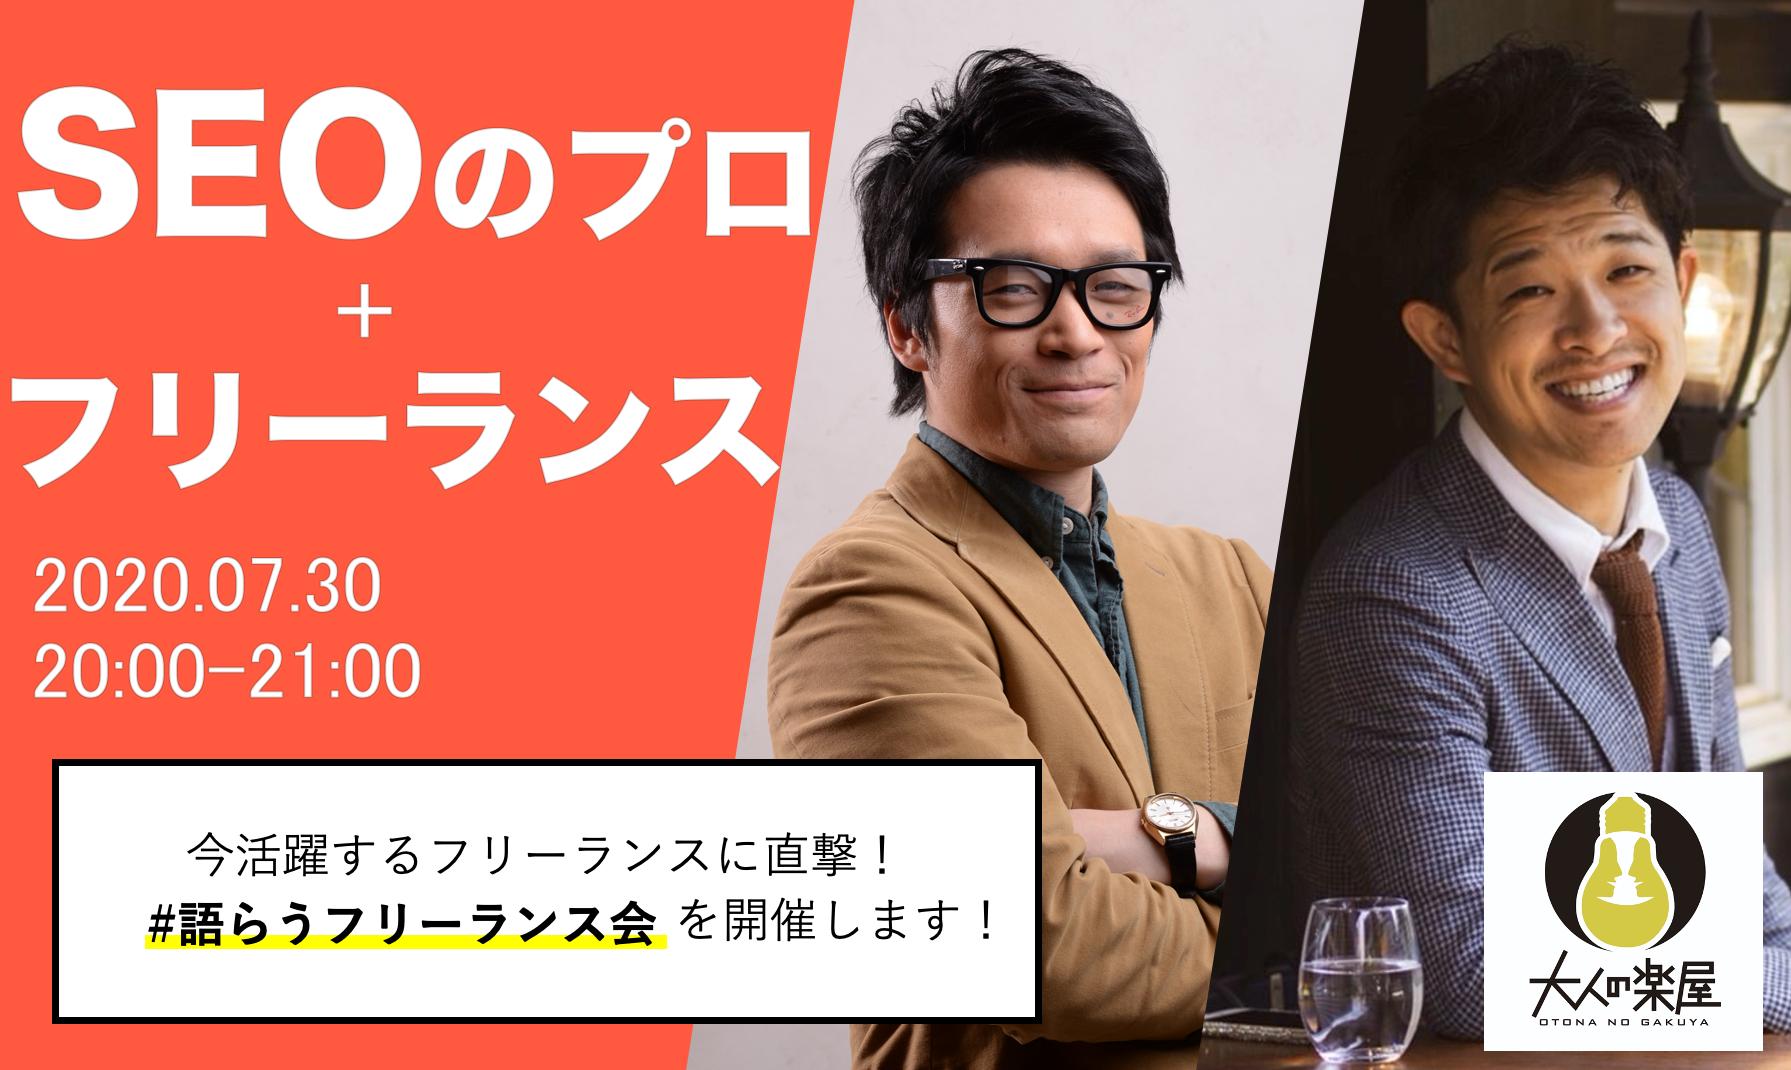 【第1回】料理研究家からSEOのプロになった岡 健太さんに直撃!#語らうフリーランス会を開催するよ!